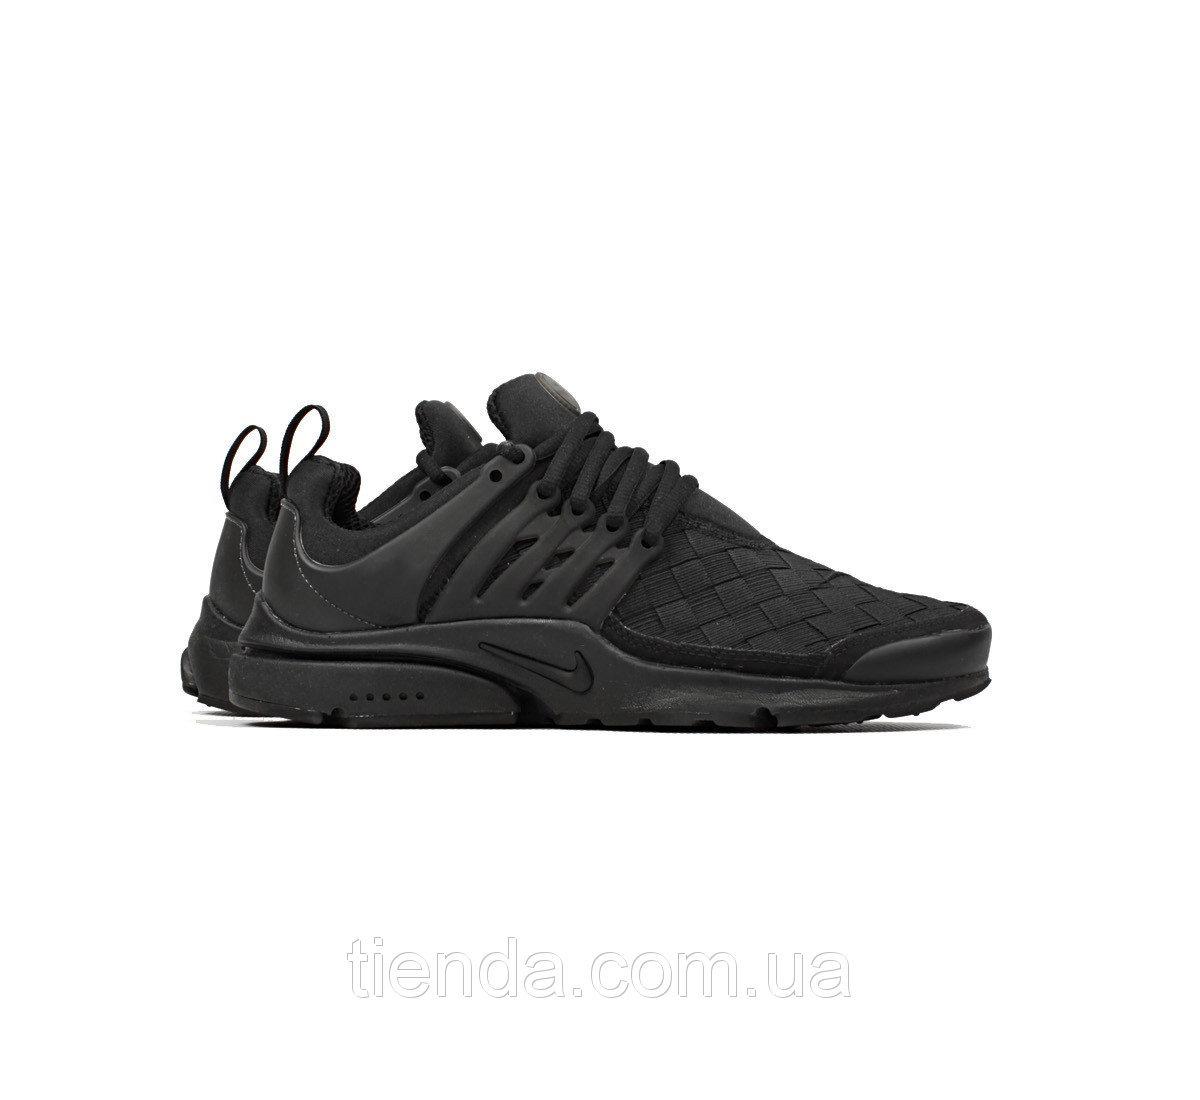 Кроссовки Nike Air Presto в Тулуне. Кроссовки       из интернет-магазина 13c6541f0a1